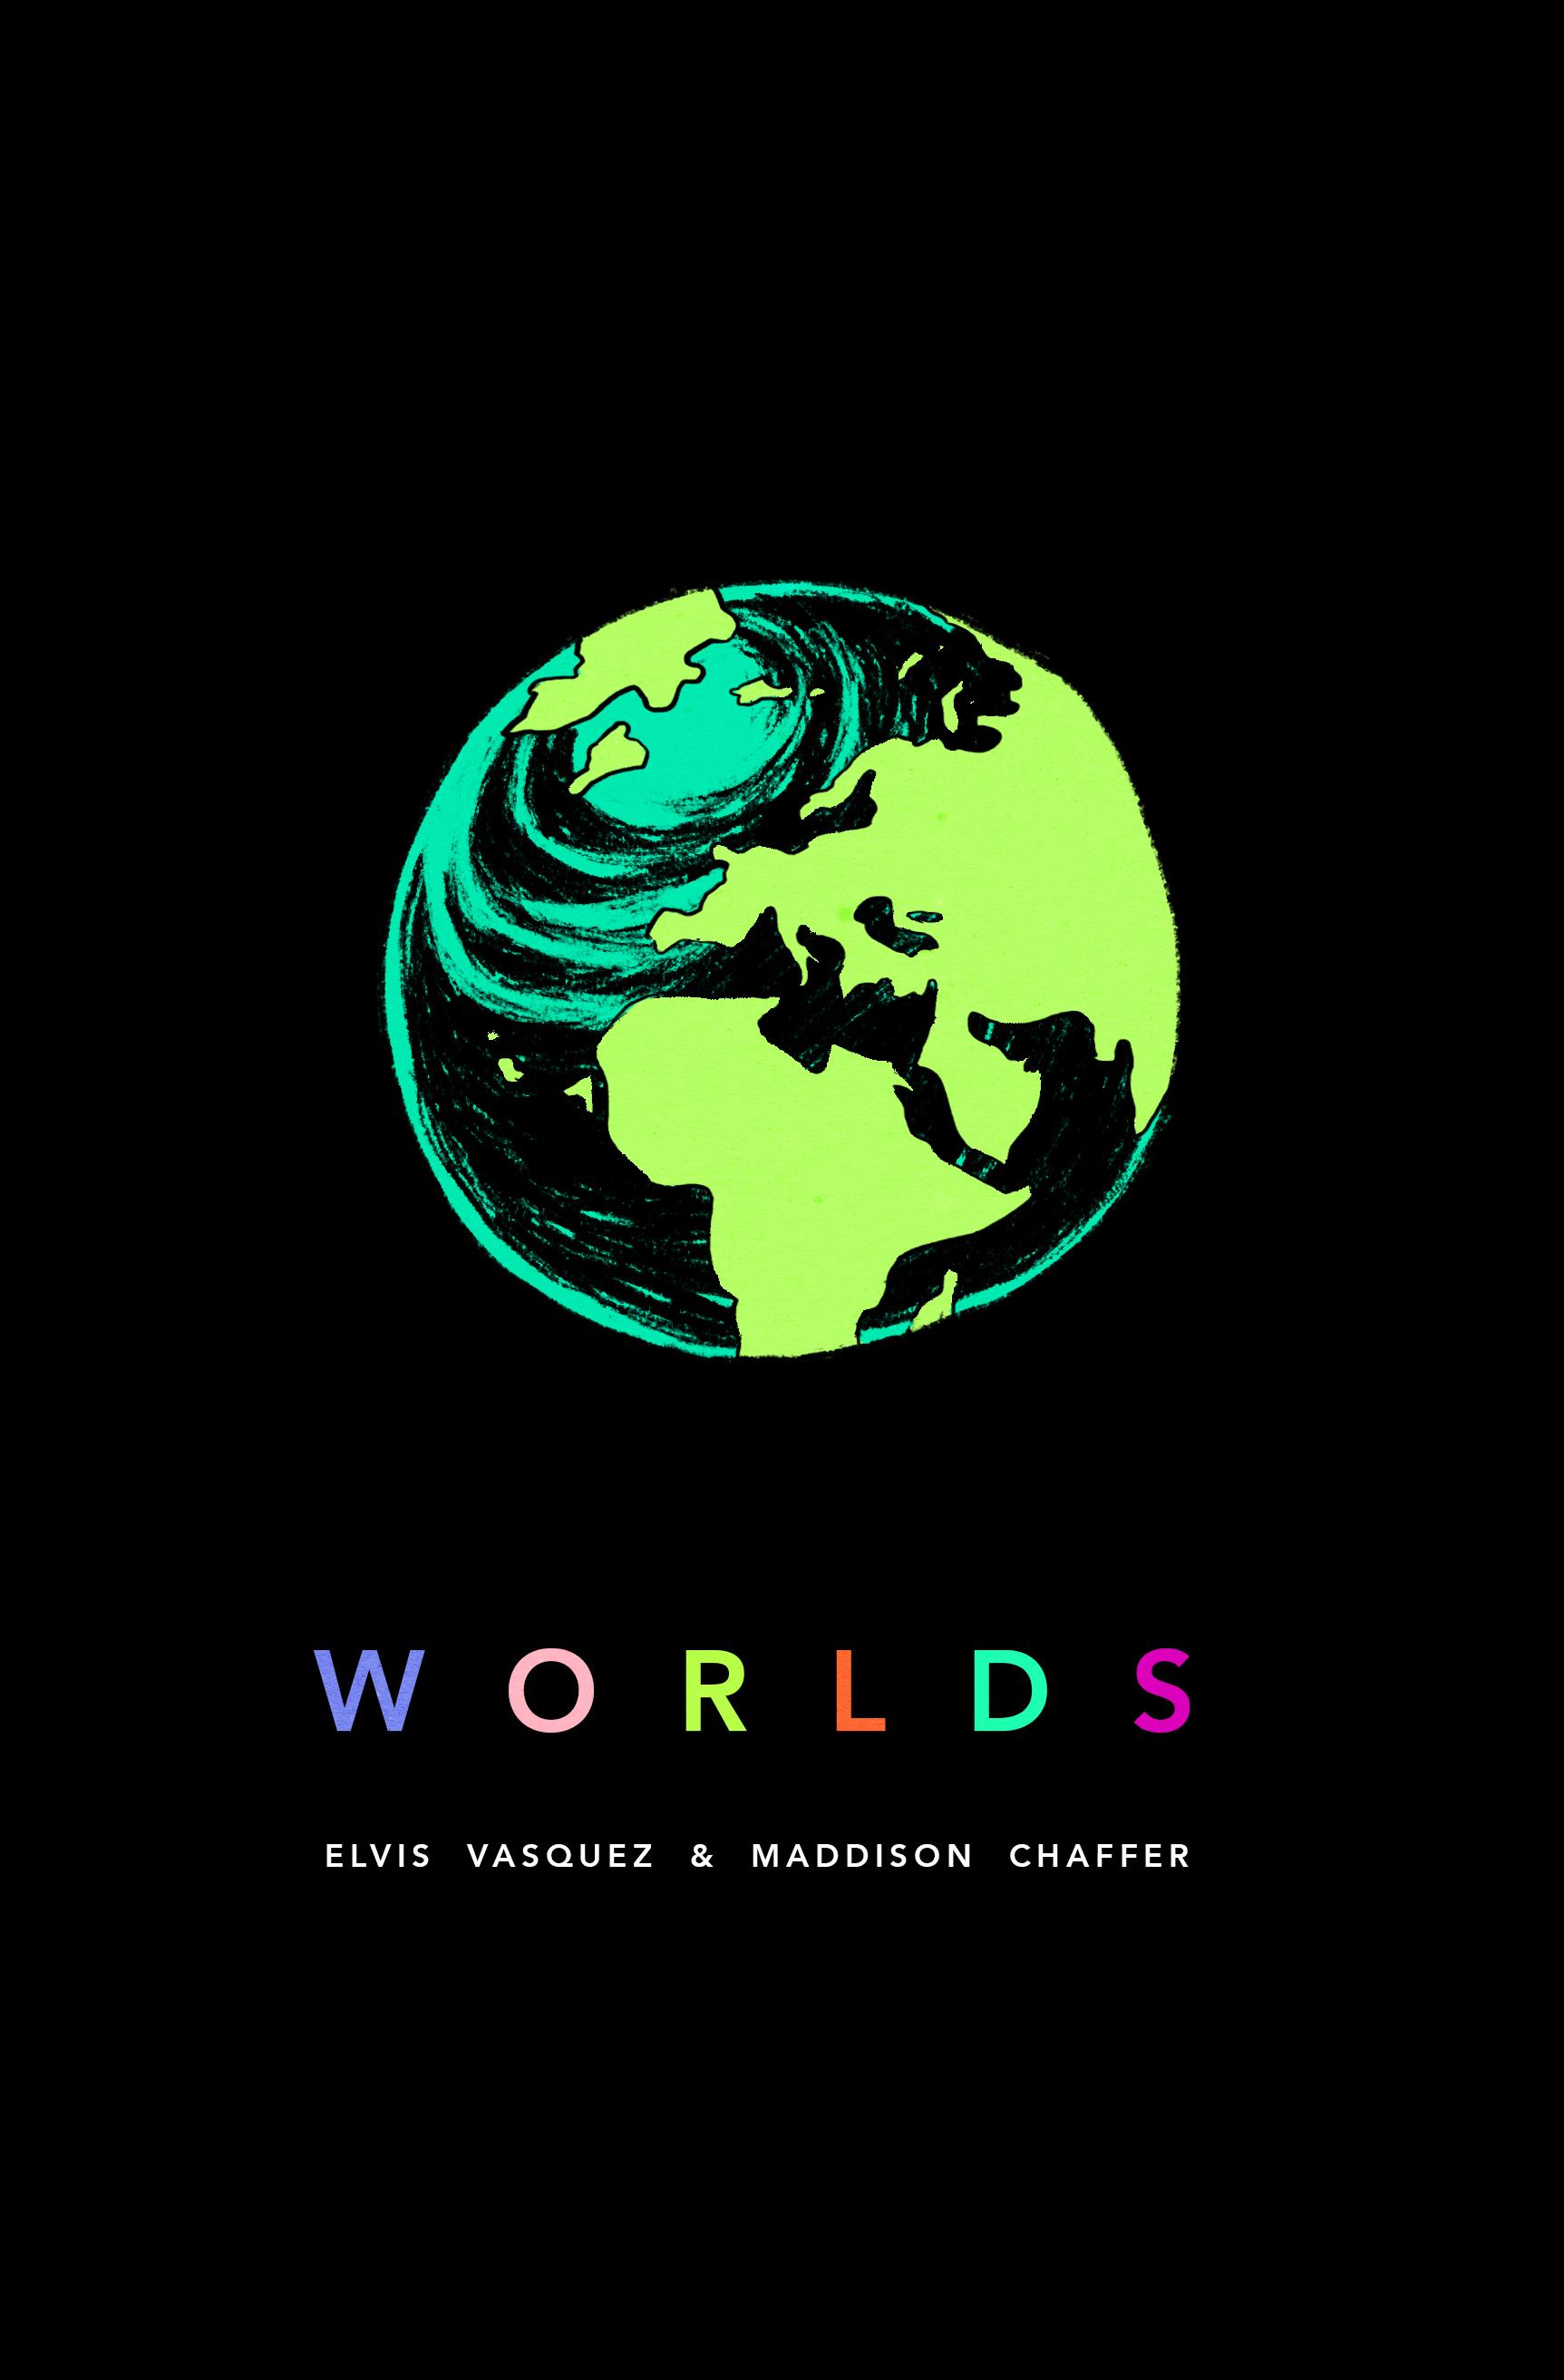 1worldscover_0.jpg